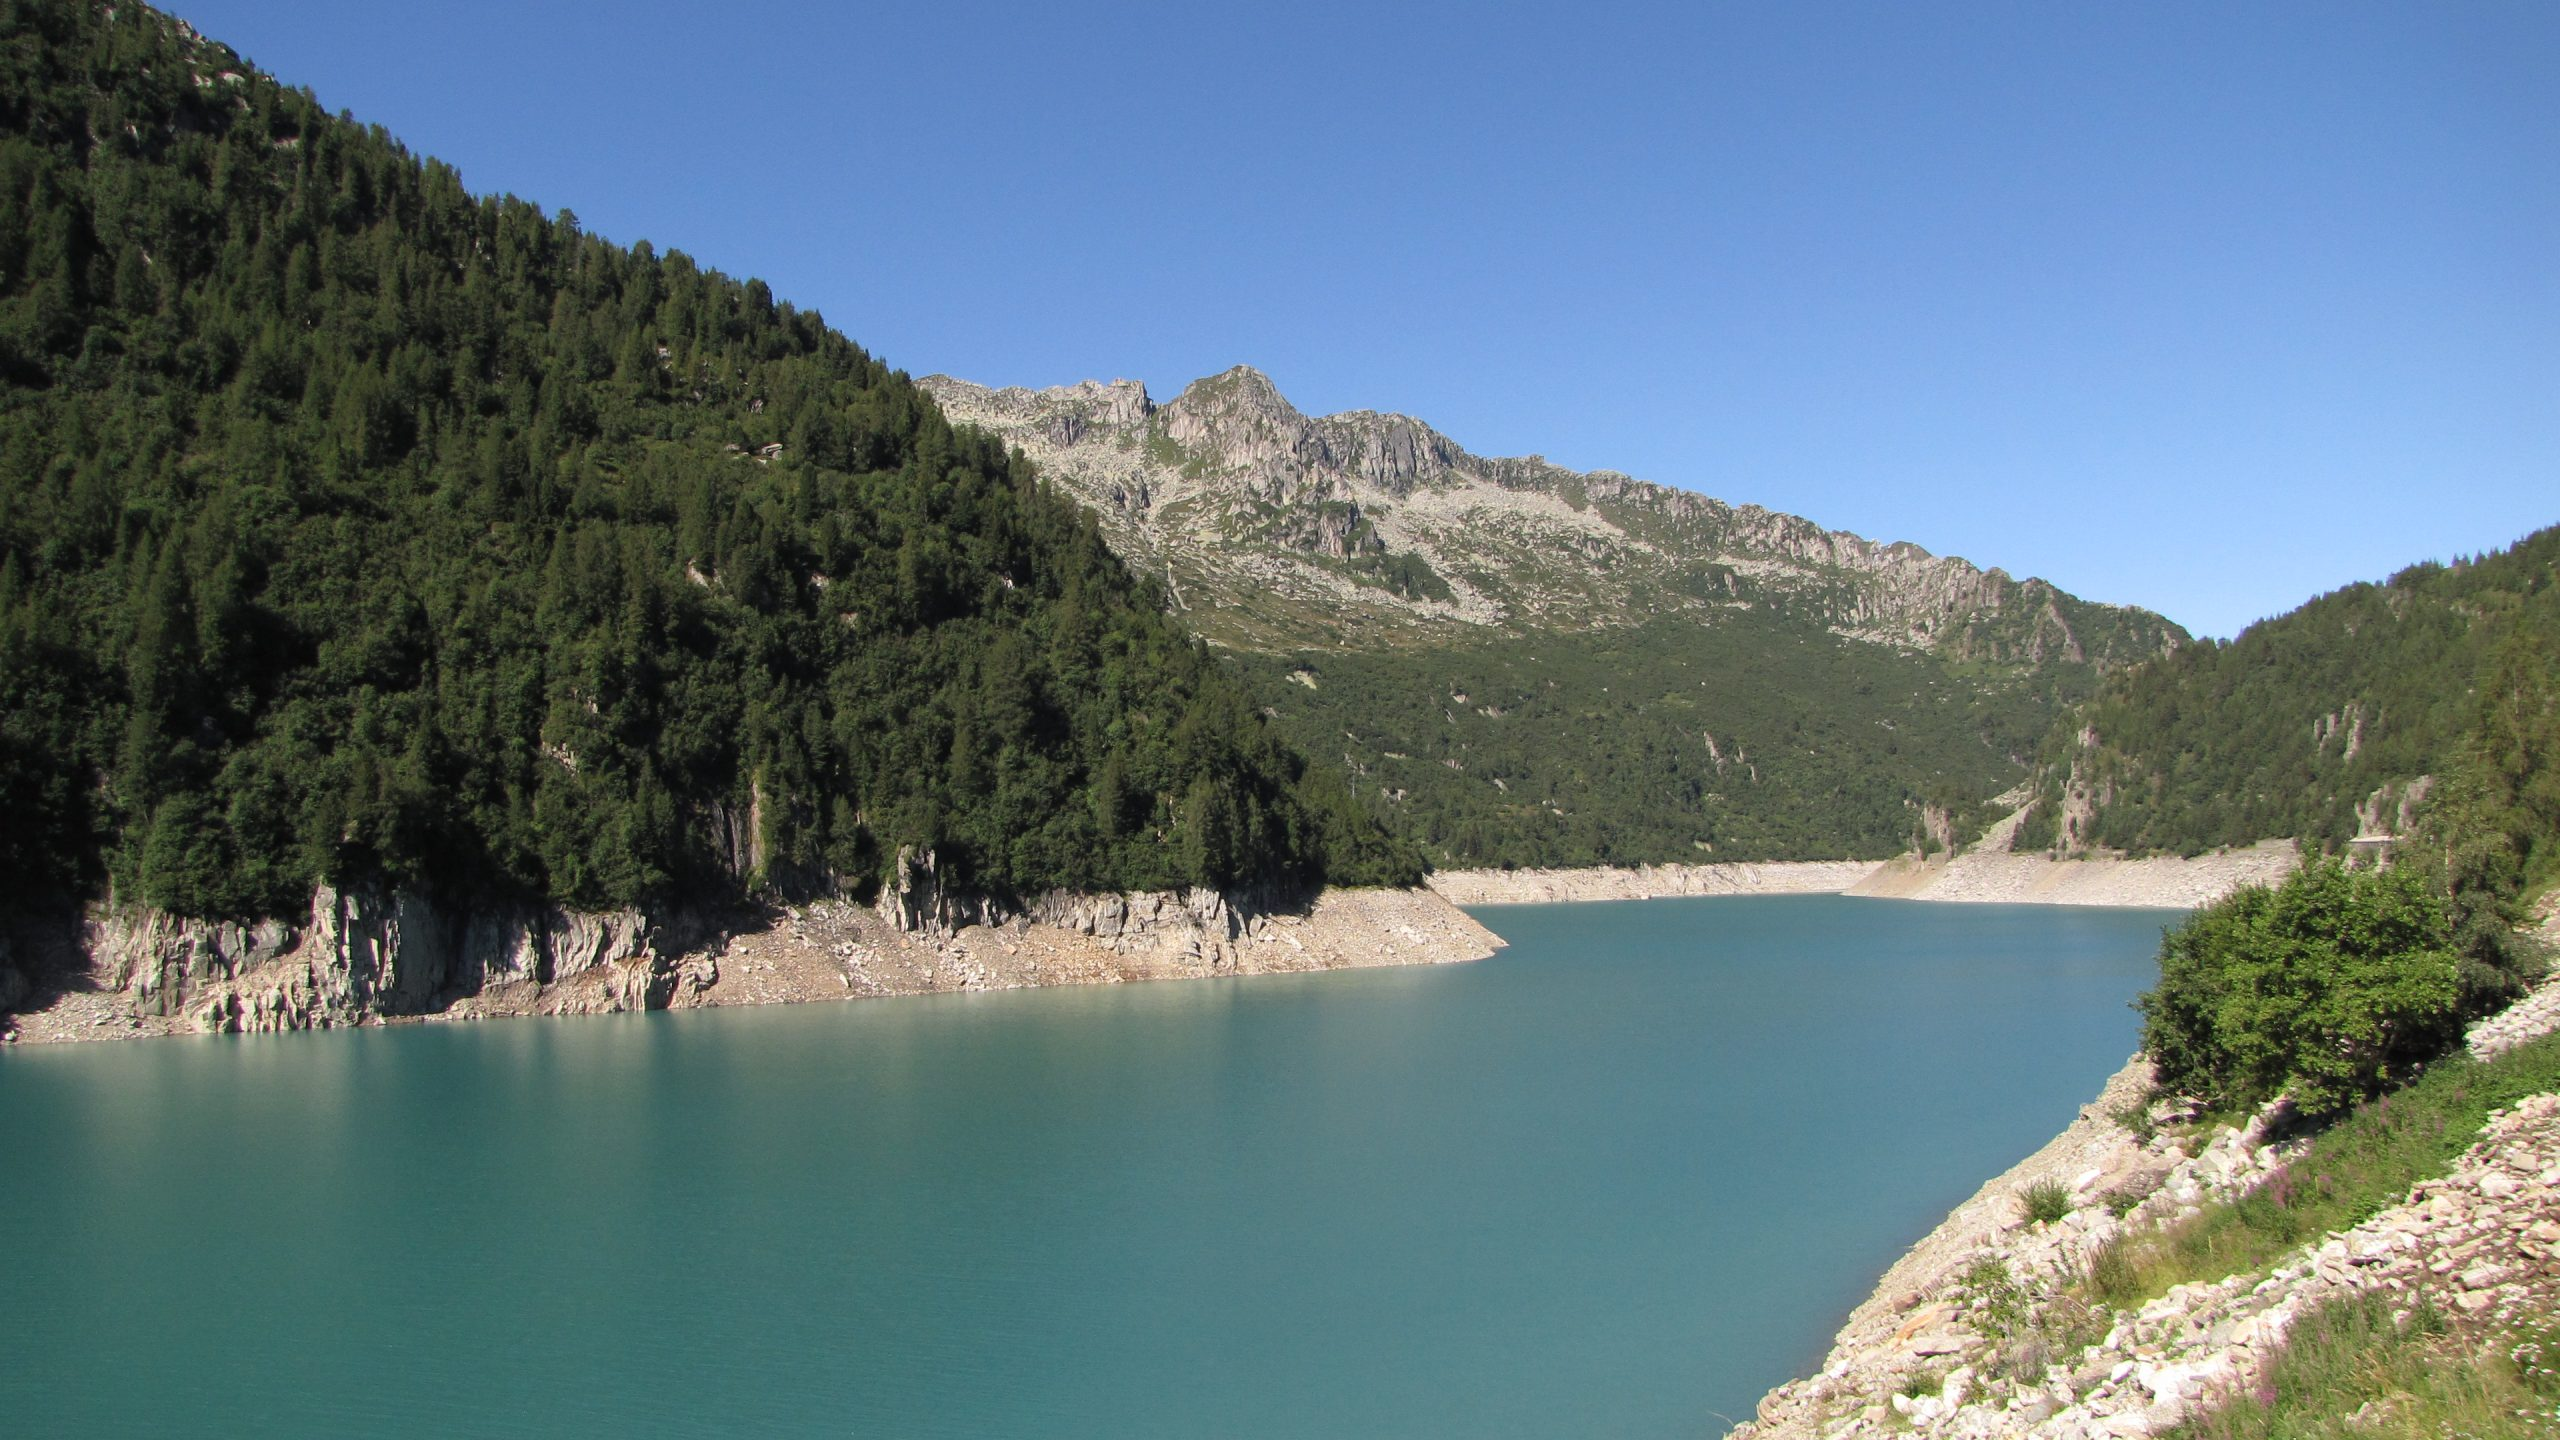 Lago d'Arno